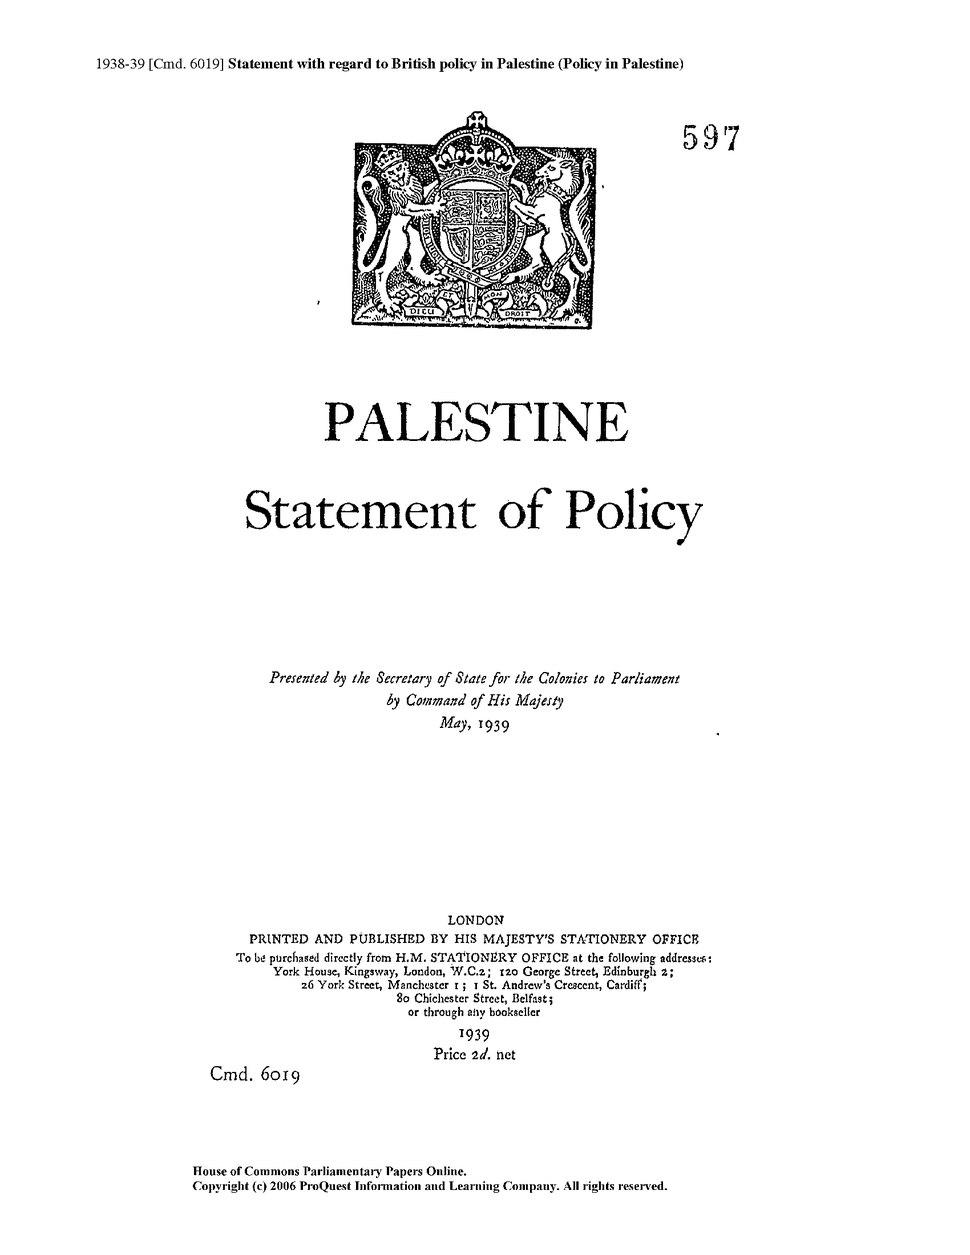 1939 White Paper cmd 6019.djvu